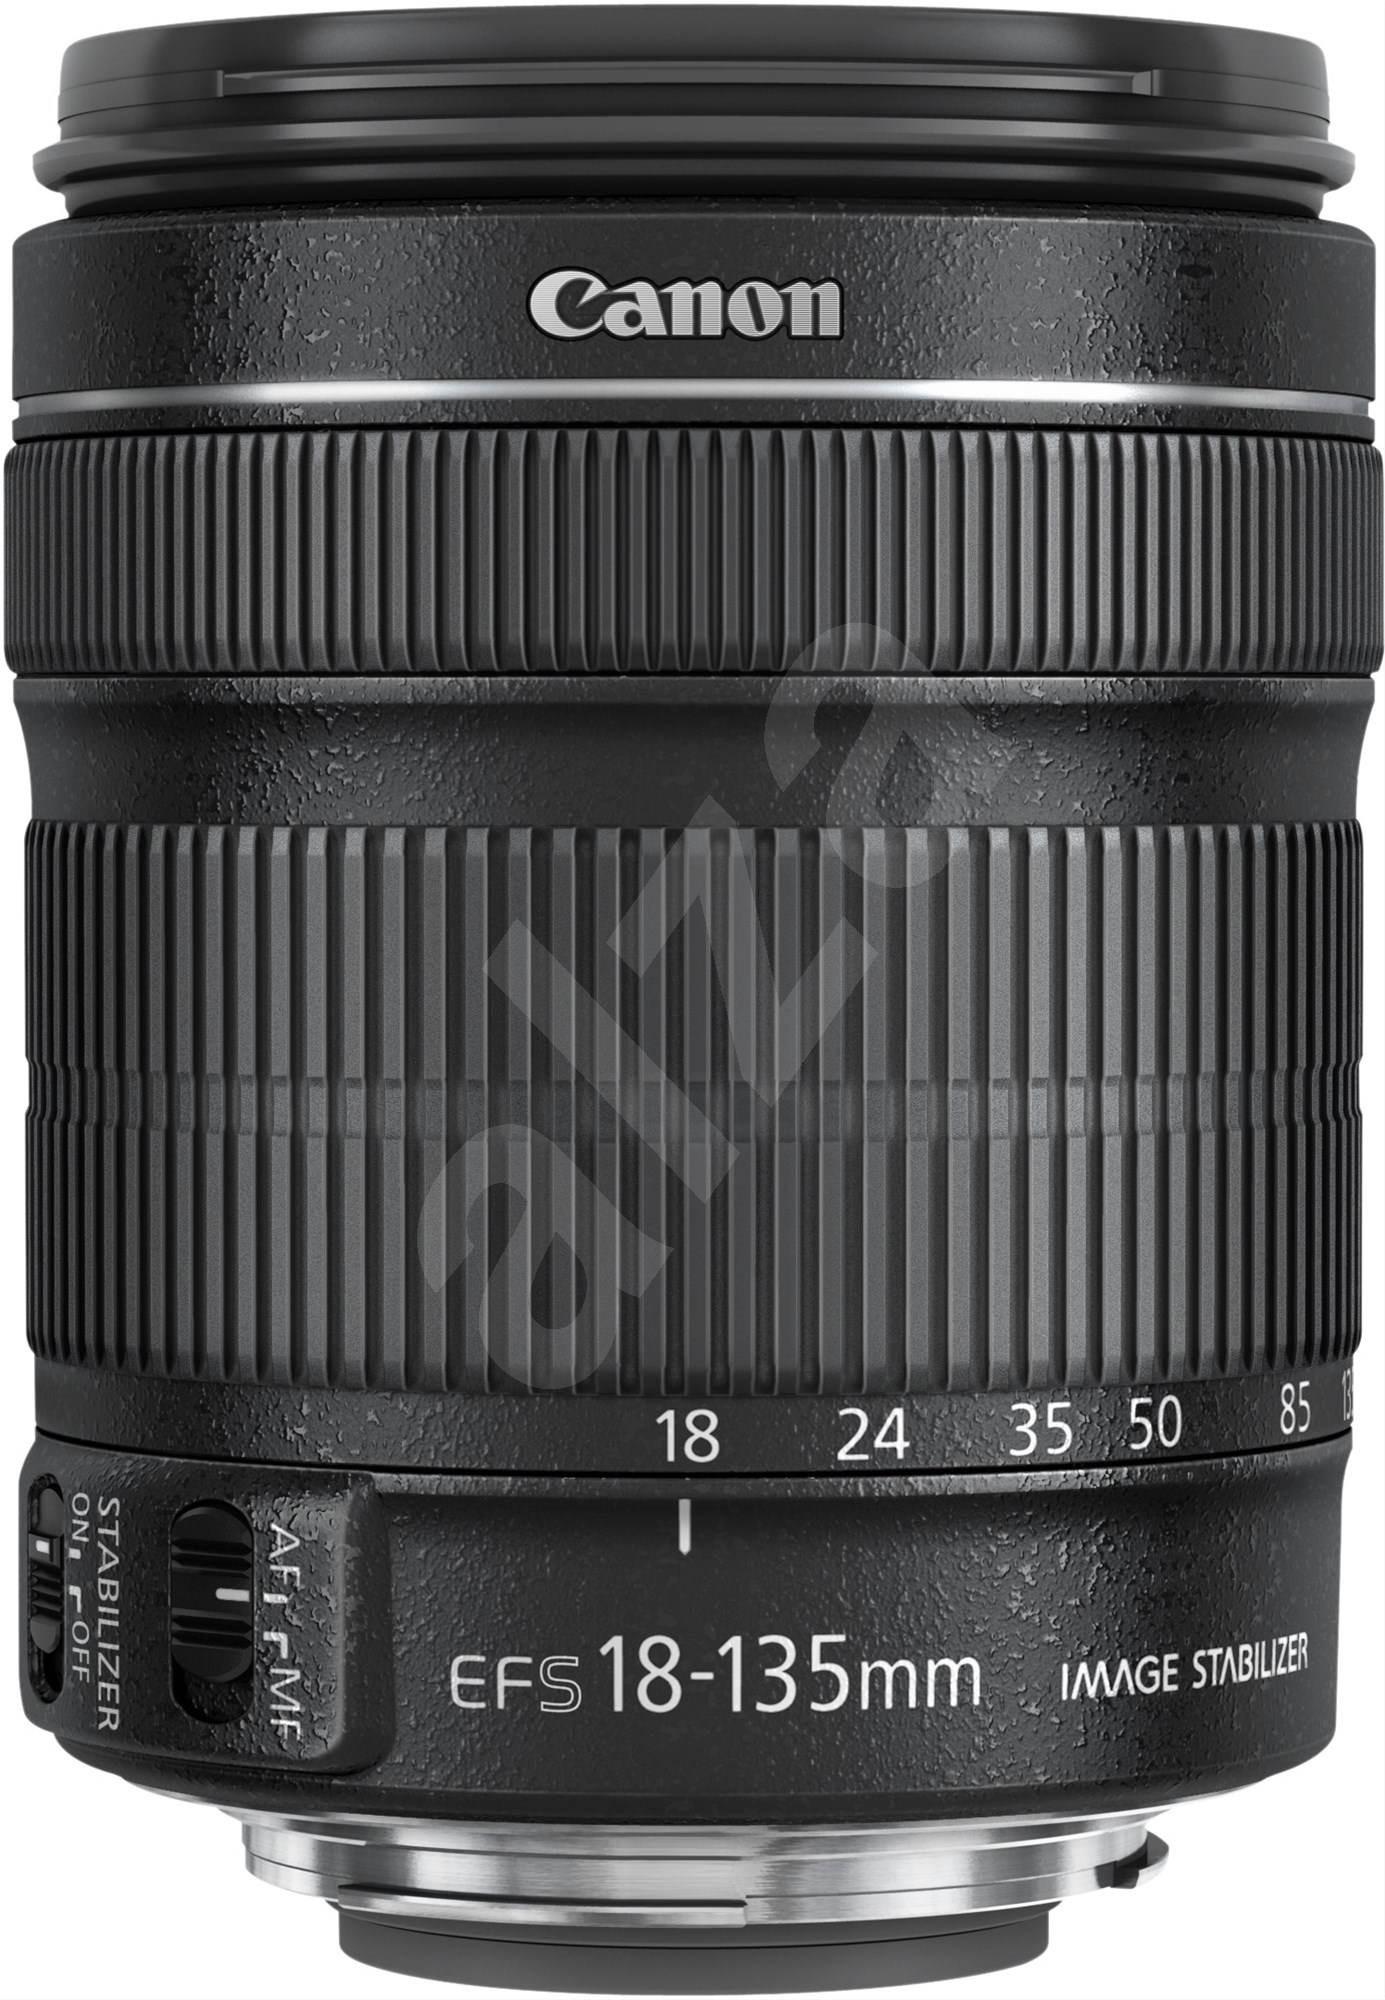 canon ef s 18 135 mm f3 5 5 6 is stm lens. Black Bedroom Furniture Sets. Home Design Ideas